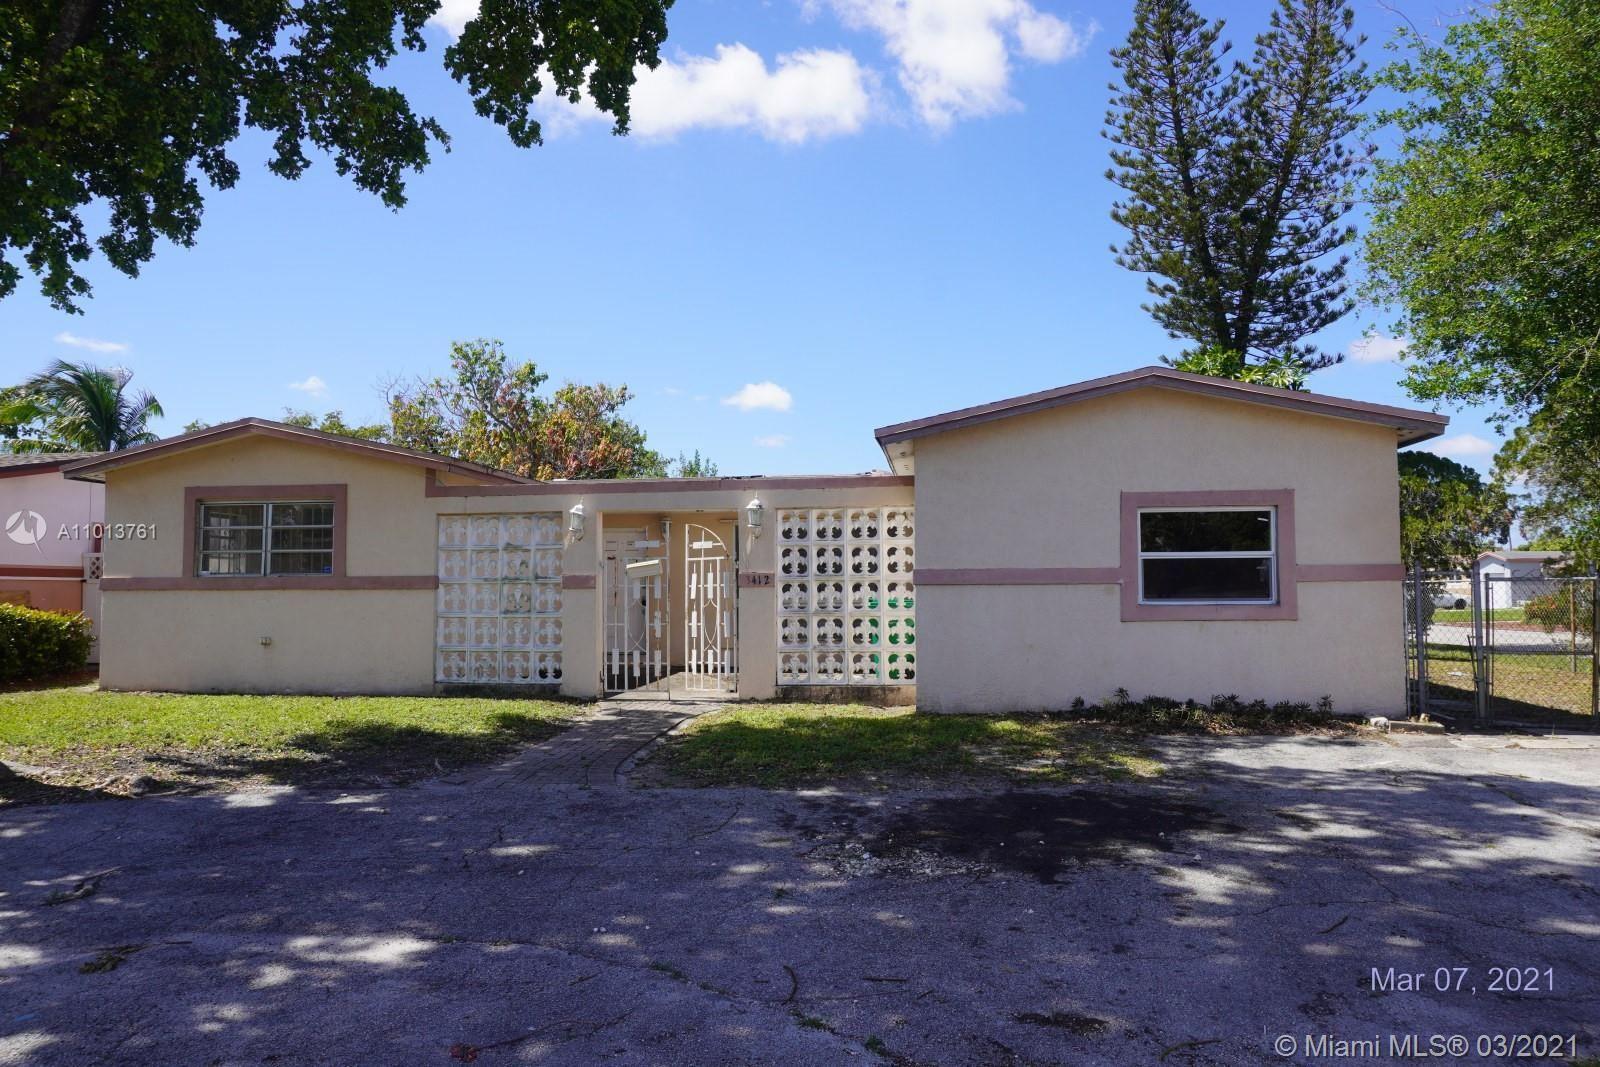 3412 Nassau Dr, Miramar, FL 33023 - #: A11013761